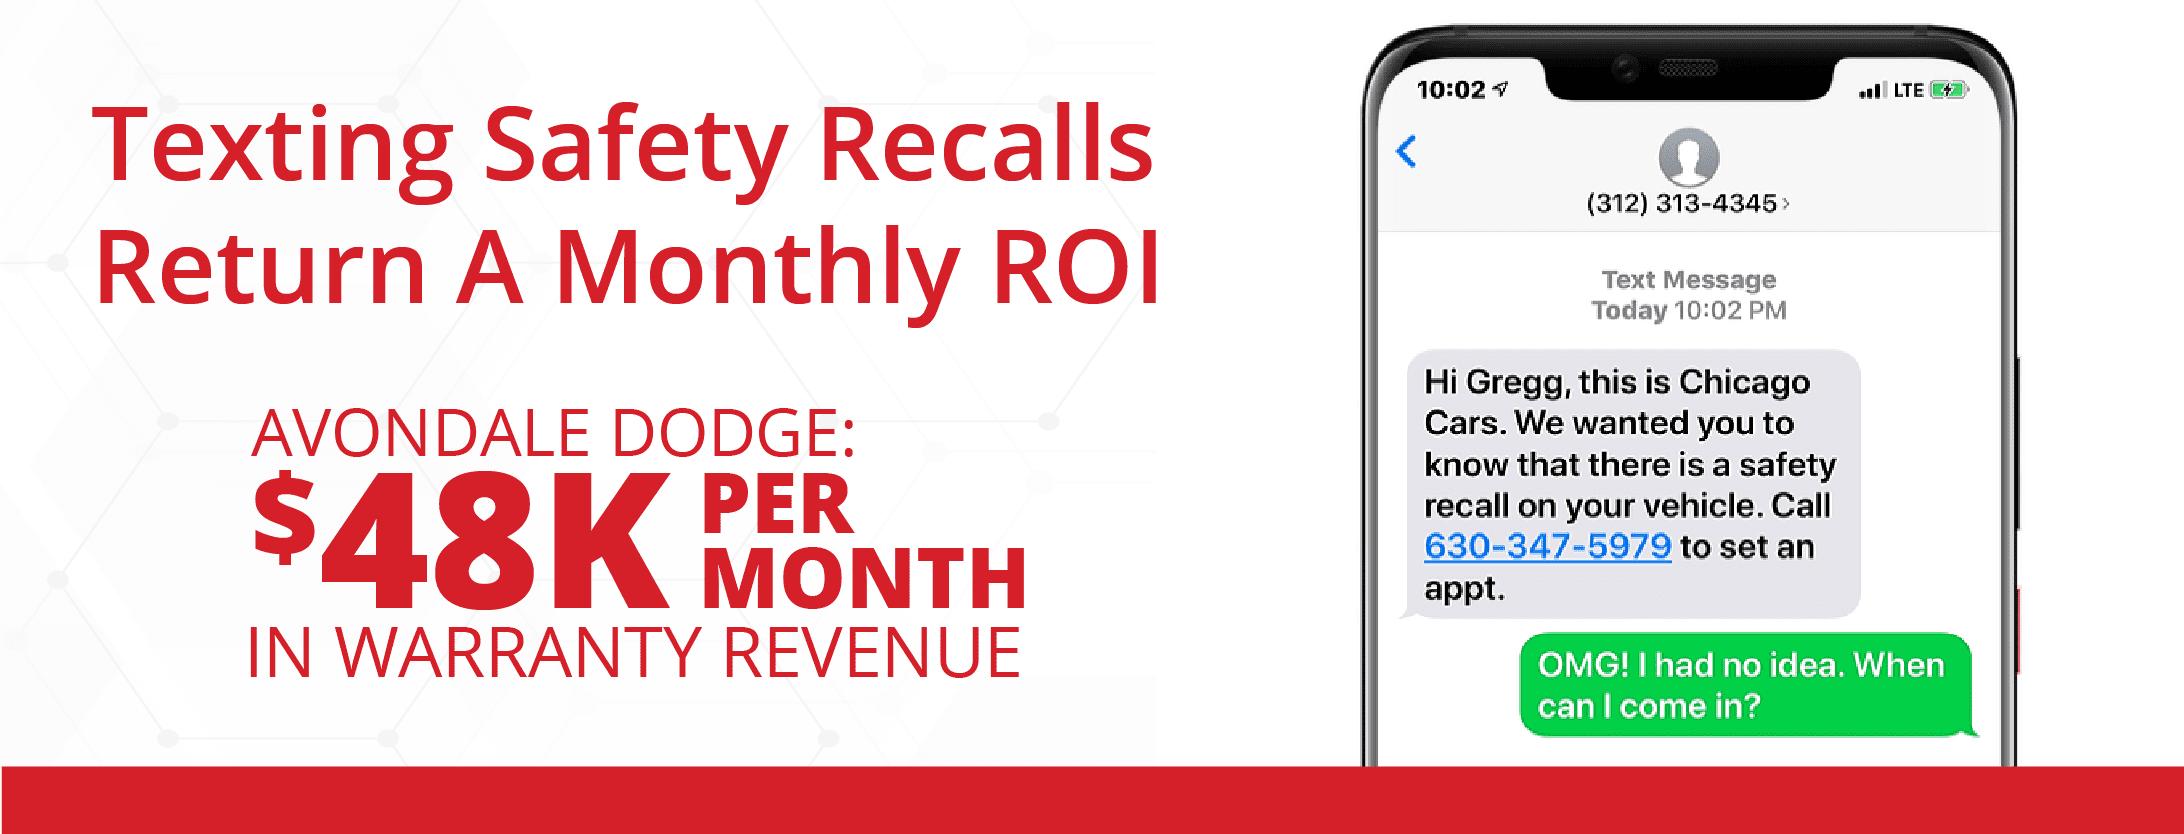 los retiros de seguridad por mensajes de texto arrojaron un ROI mensual de $ 48k en ingresos de garantía